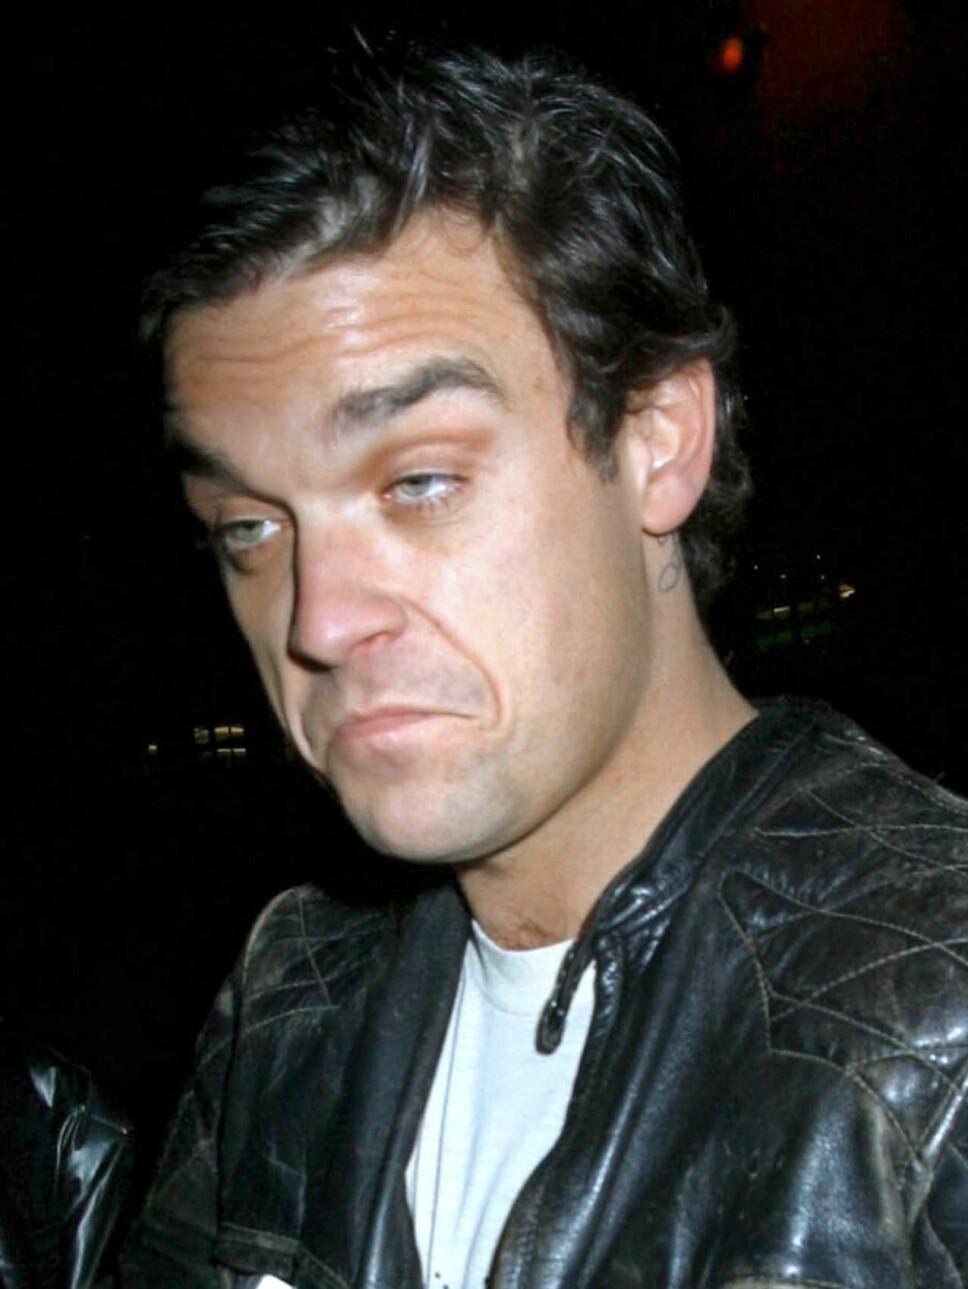 MØRK FORTID: Robbie har aldri lagt skjul på at han har slitt med depresjoner, og dermed søkt trøst i alkohol og narkotika.